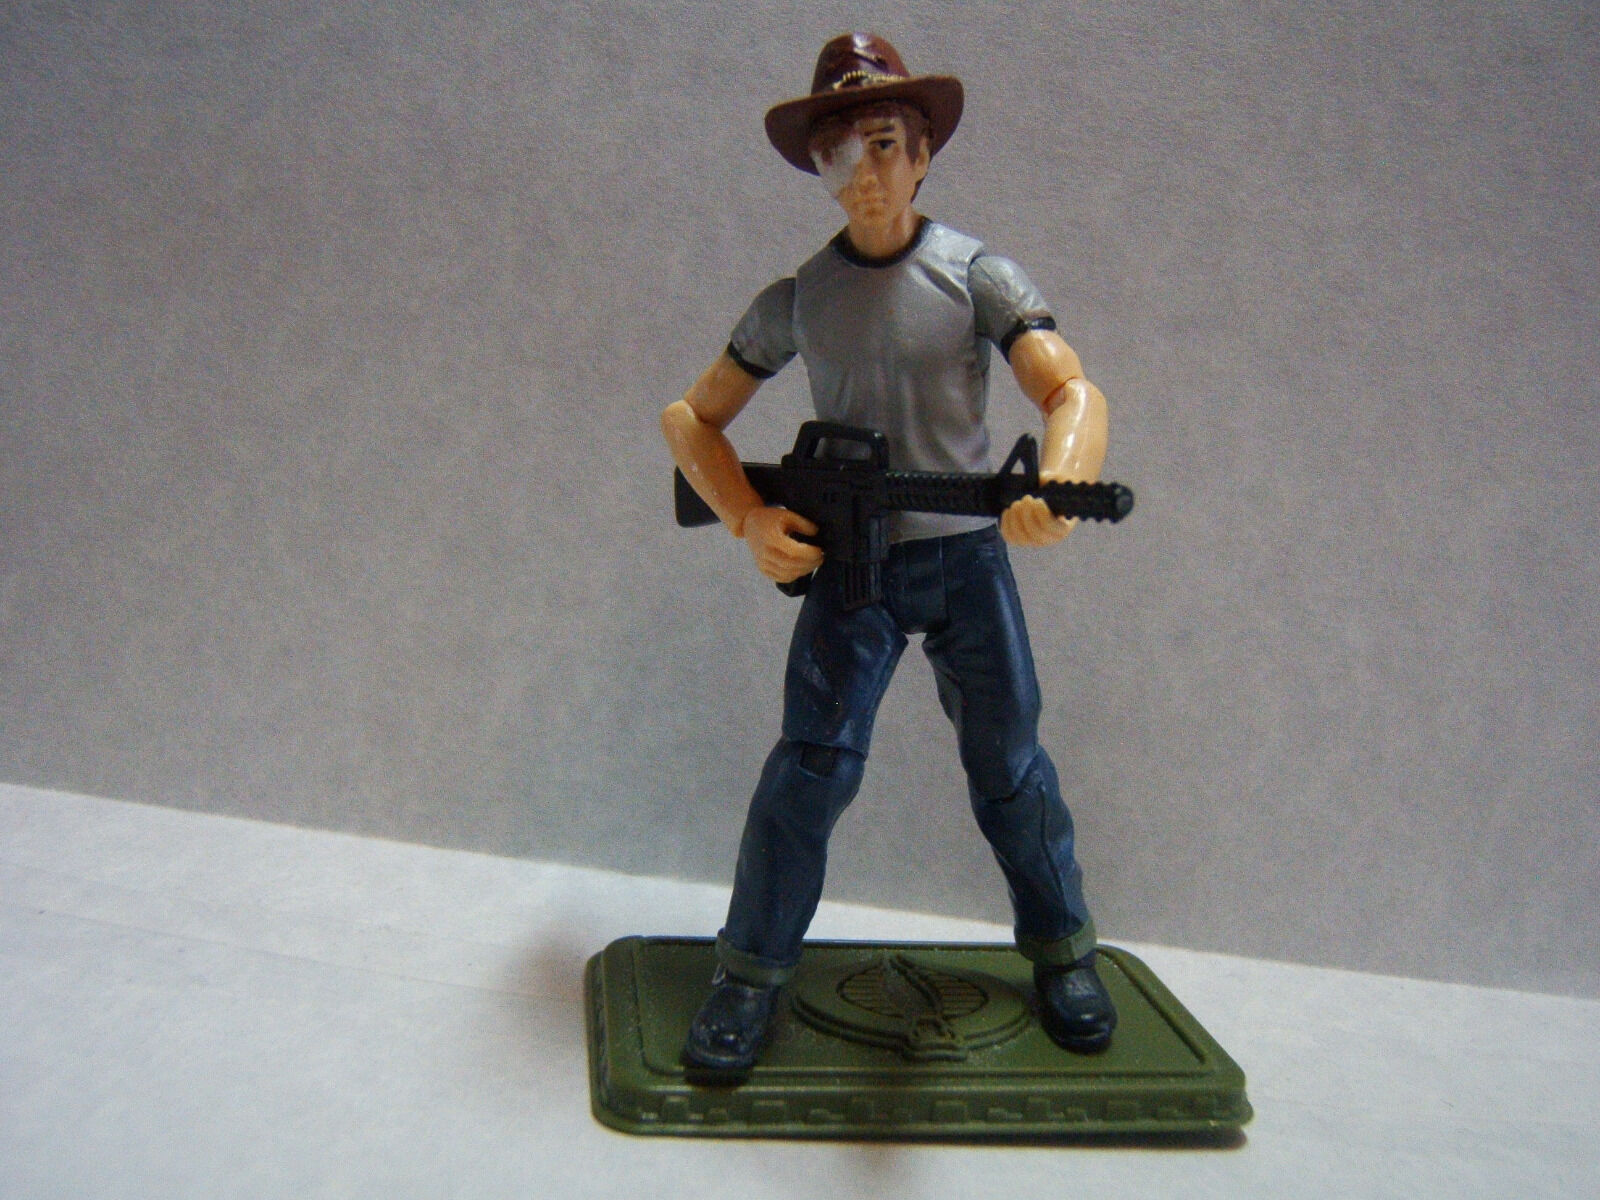 ¡No dudes! ¡Compra ahora! Personalizado 3.75  The The The Walking Dead Figura De Cochel Grimes-Poseable & listo para ir  despacho de tienda